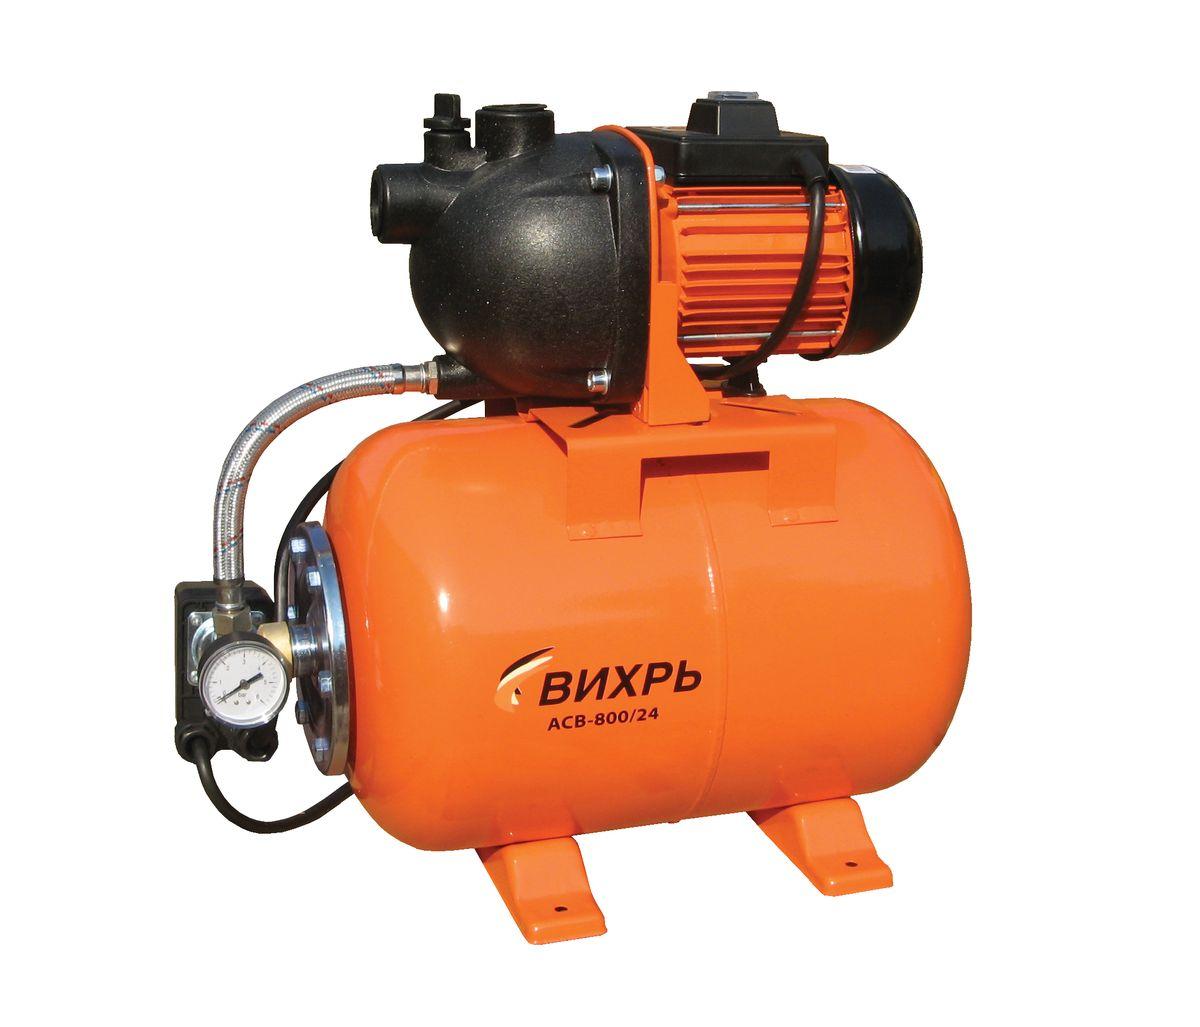 Насосная станция Вихрь АСВ-800/2468/1/1Насосная станция Вихрь АСВ-800/24 предназначена для бесперебойного водоснабжения в автоматическом режиме, коттеджей, дач, ферм и других потребителей. При этом она автоматически поддерживает необходимое давление в системе водоснабжения, самостоятельно включаясь и отключаясь по мере расходования воды потребителями.Встроенный датчик давления обеспечивает автоматическое включение насоса в случае необходимости. Гидроаккумулятор служит для аккумулирования воды под давлением и сглаживания гидроударов. Он состоит из стального резервуара со сменной мембраной из пищевой резины и имеет пневмоклапан для закачивания сжатого воздуха.Насос со встроенным эжектором, сочетает преимущества центробежных с практичностью самовсасывающих насосов. Встроенный внутренний эжектор с системой труб Вентури обеспечивает хорошие условия всасывания на входе в насос и позволяет создать высокое давление на выходе. Они позволяют перекачивать воду с меньшими, по сравнению с обычными центробежными насосами, требованиями к чистоте и наличию растворенных газов. Рабочее колесо и проточный блок направляющий аппарат - трубка Вентури - сопло выполнены из износостойких пластических материалов.Насосная станция не может использоваться на открытом воздухе при температуре окружающей среды ниже +1°С. Запрещается перекачивание горячей (выше +50°С) воды.